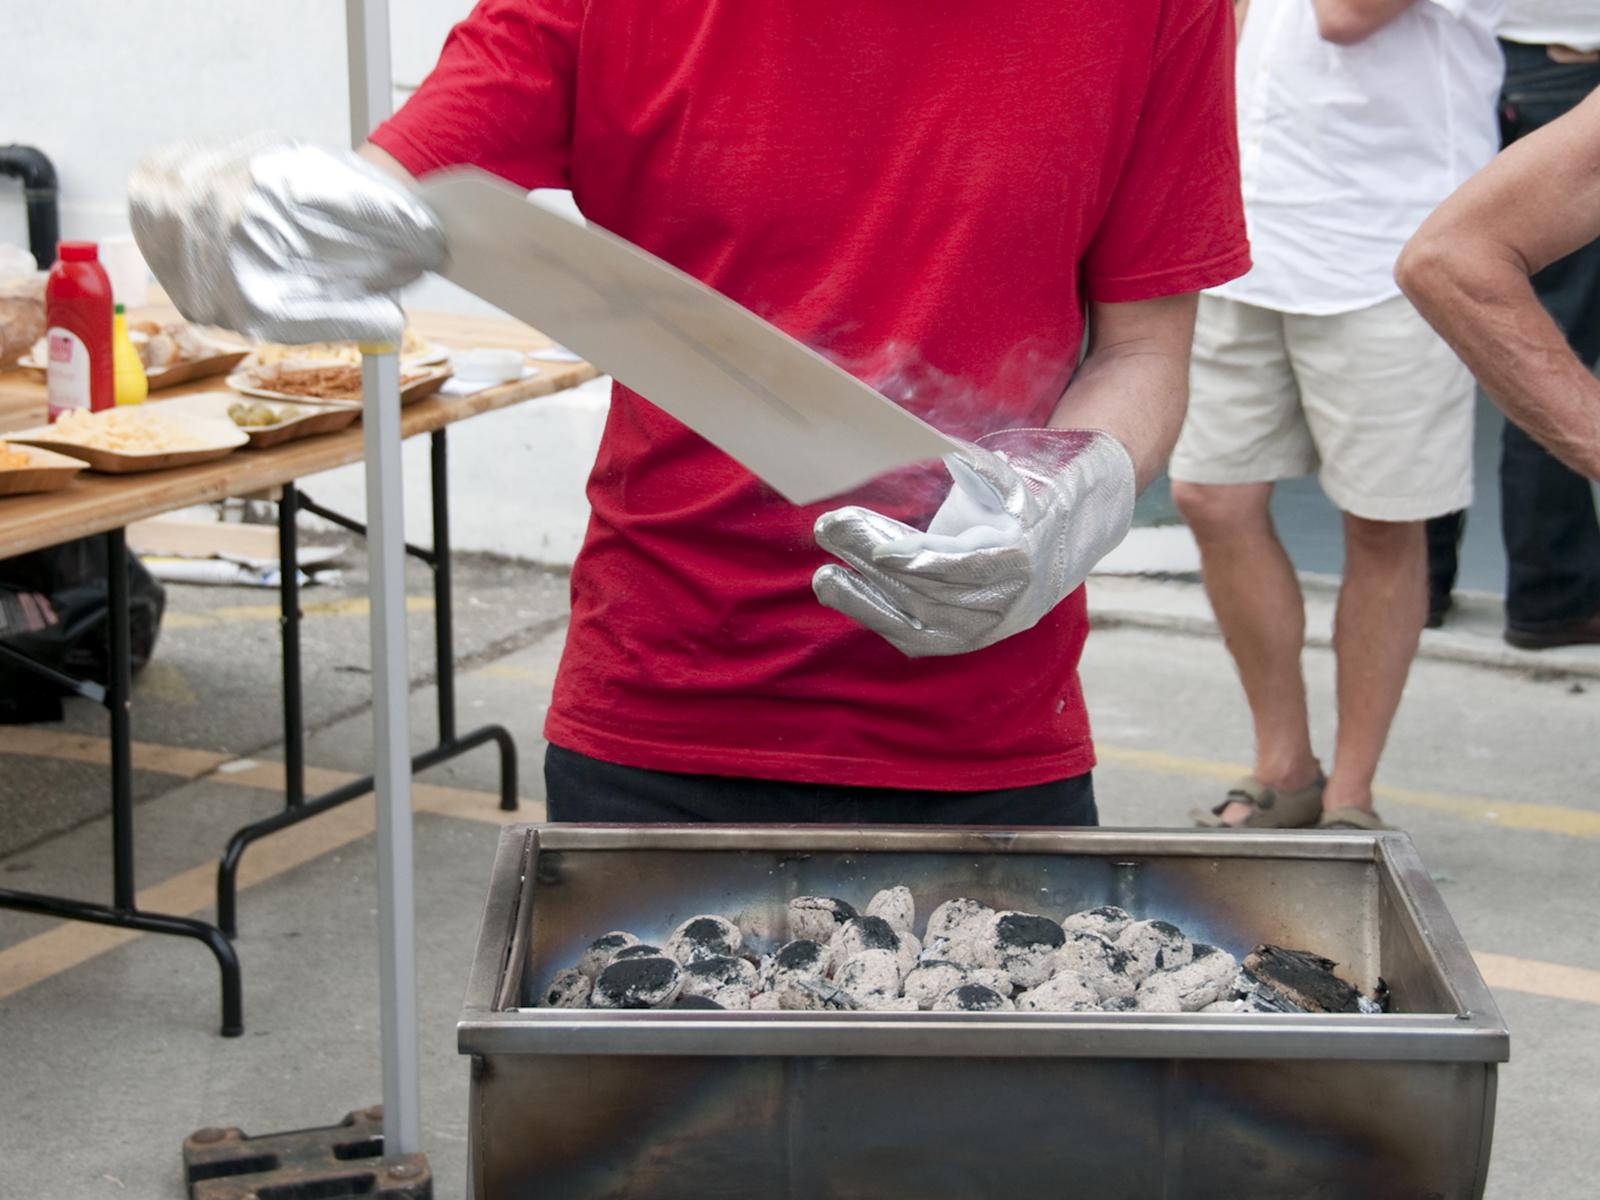 Benoit-Delaunay-artiste-installations-2010-Une-Sculpture-22